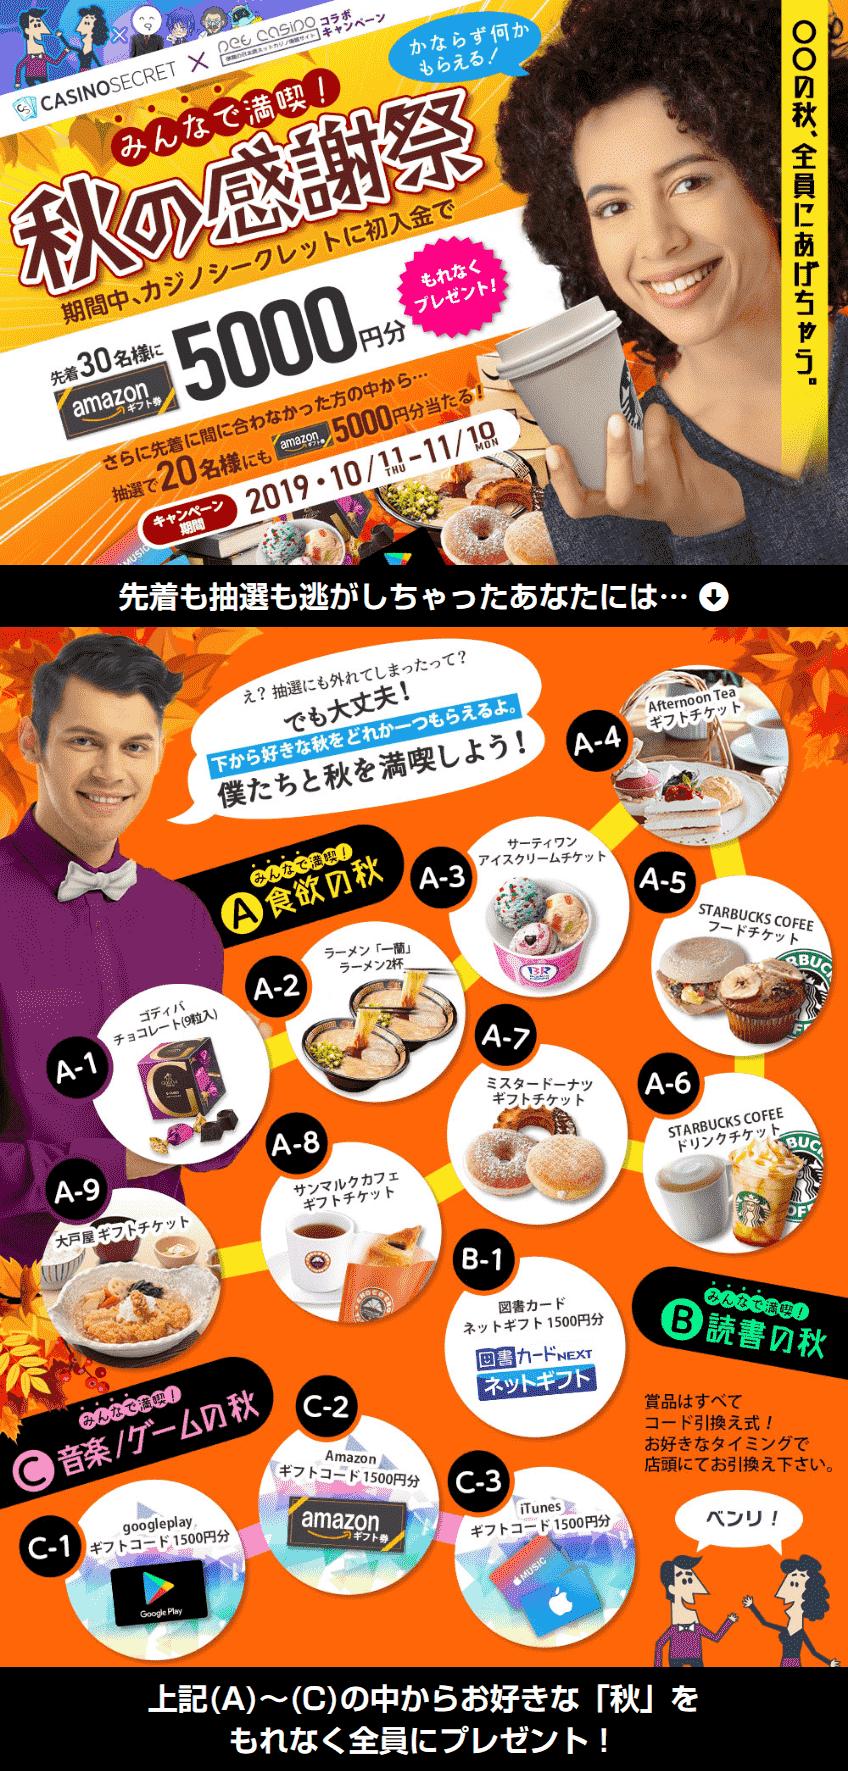 みんなで満喫!カジノシークレット秋の感謝祭のAmazonギフト券5000円